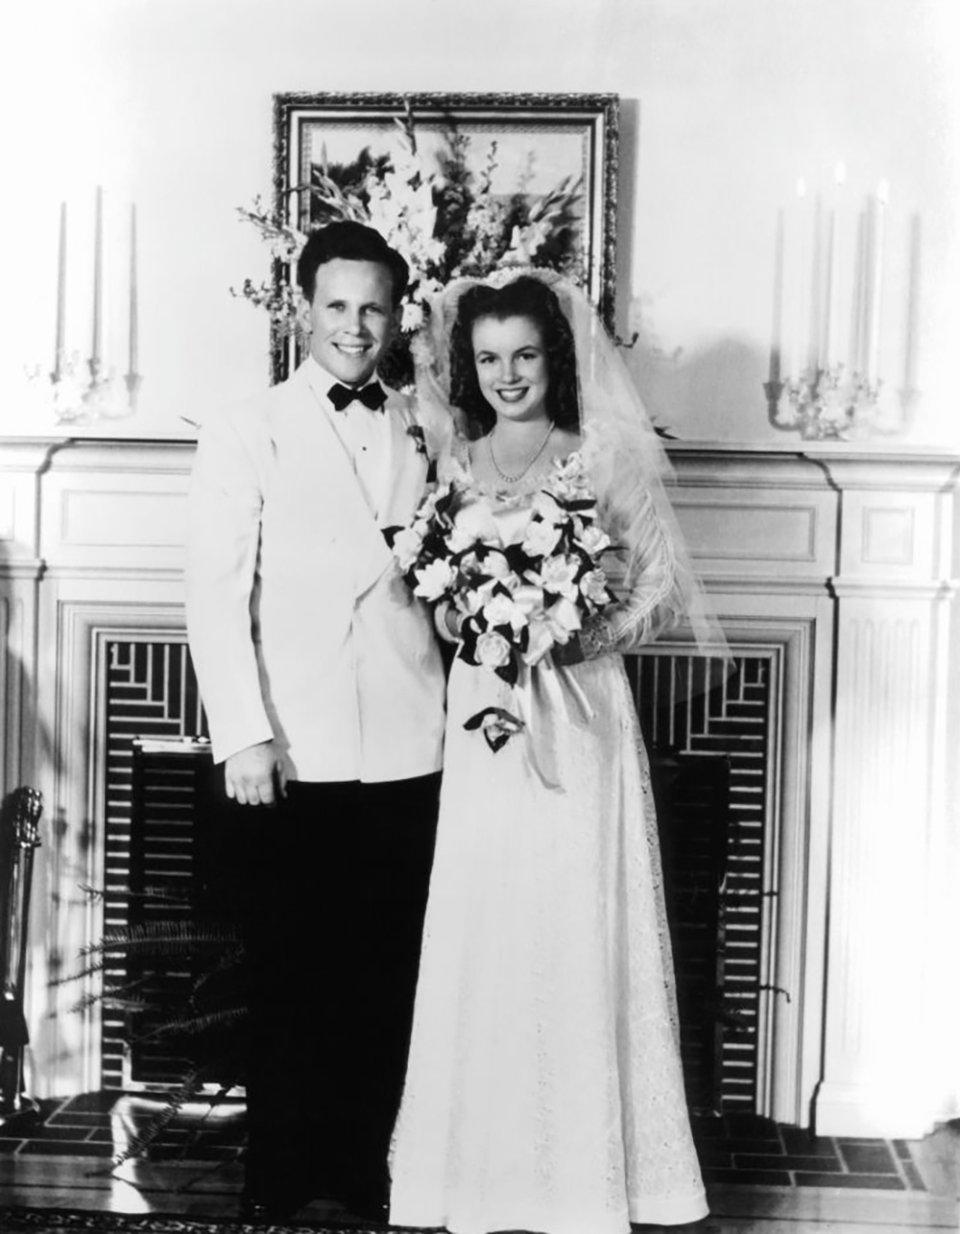 Мерілін Монро одружується зі своїм першим чоловіком, Джеймсом Догерті, 1942 рік / Getty Images